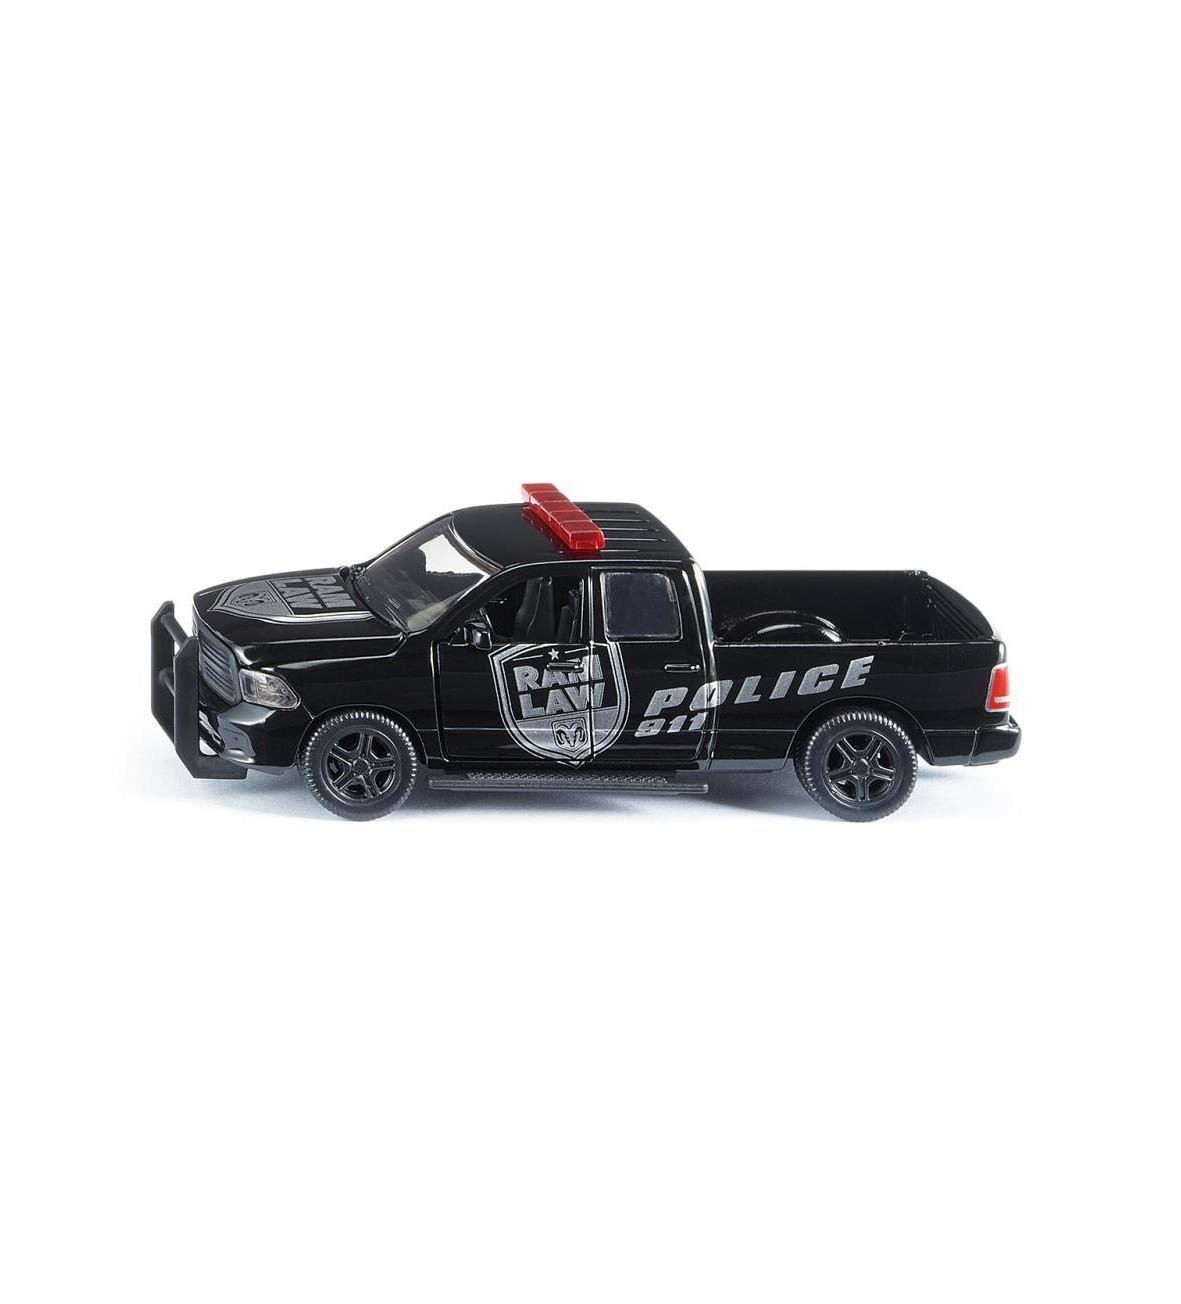 Samochód policyjny Dodge Ram